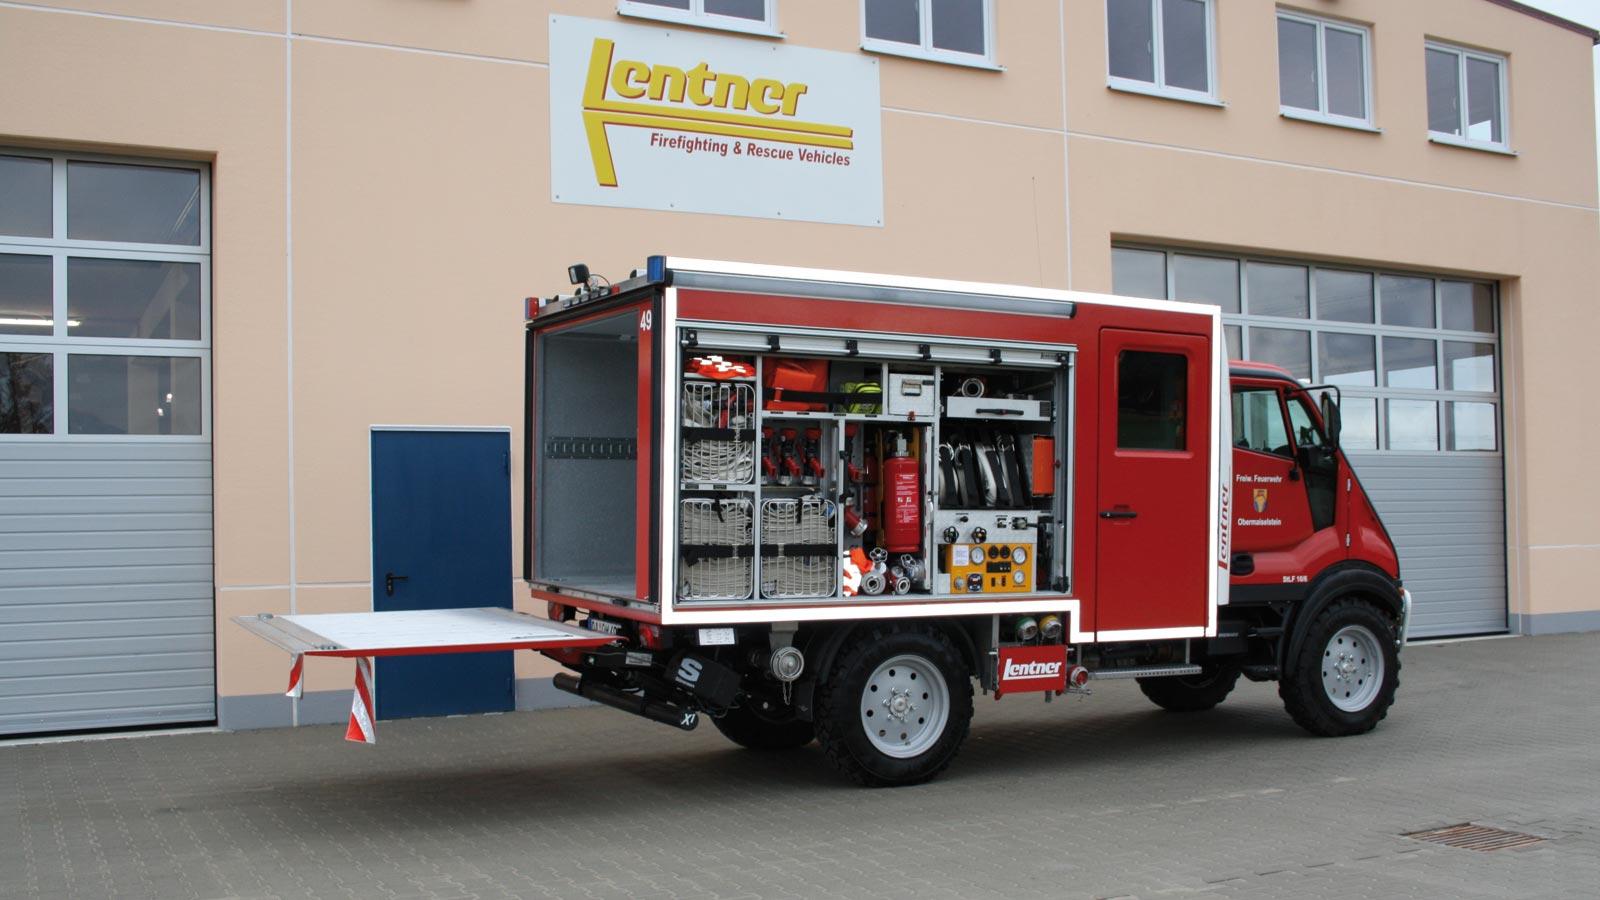 StLF-auf-Bremach-Fahrgestell-mit-Ladebordwand-fuers-Gebirge.jpg